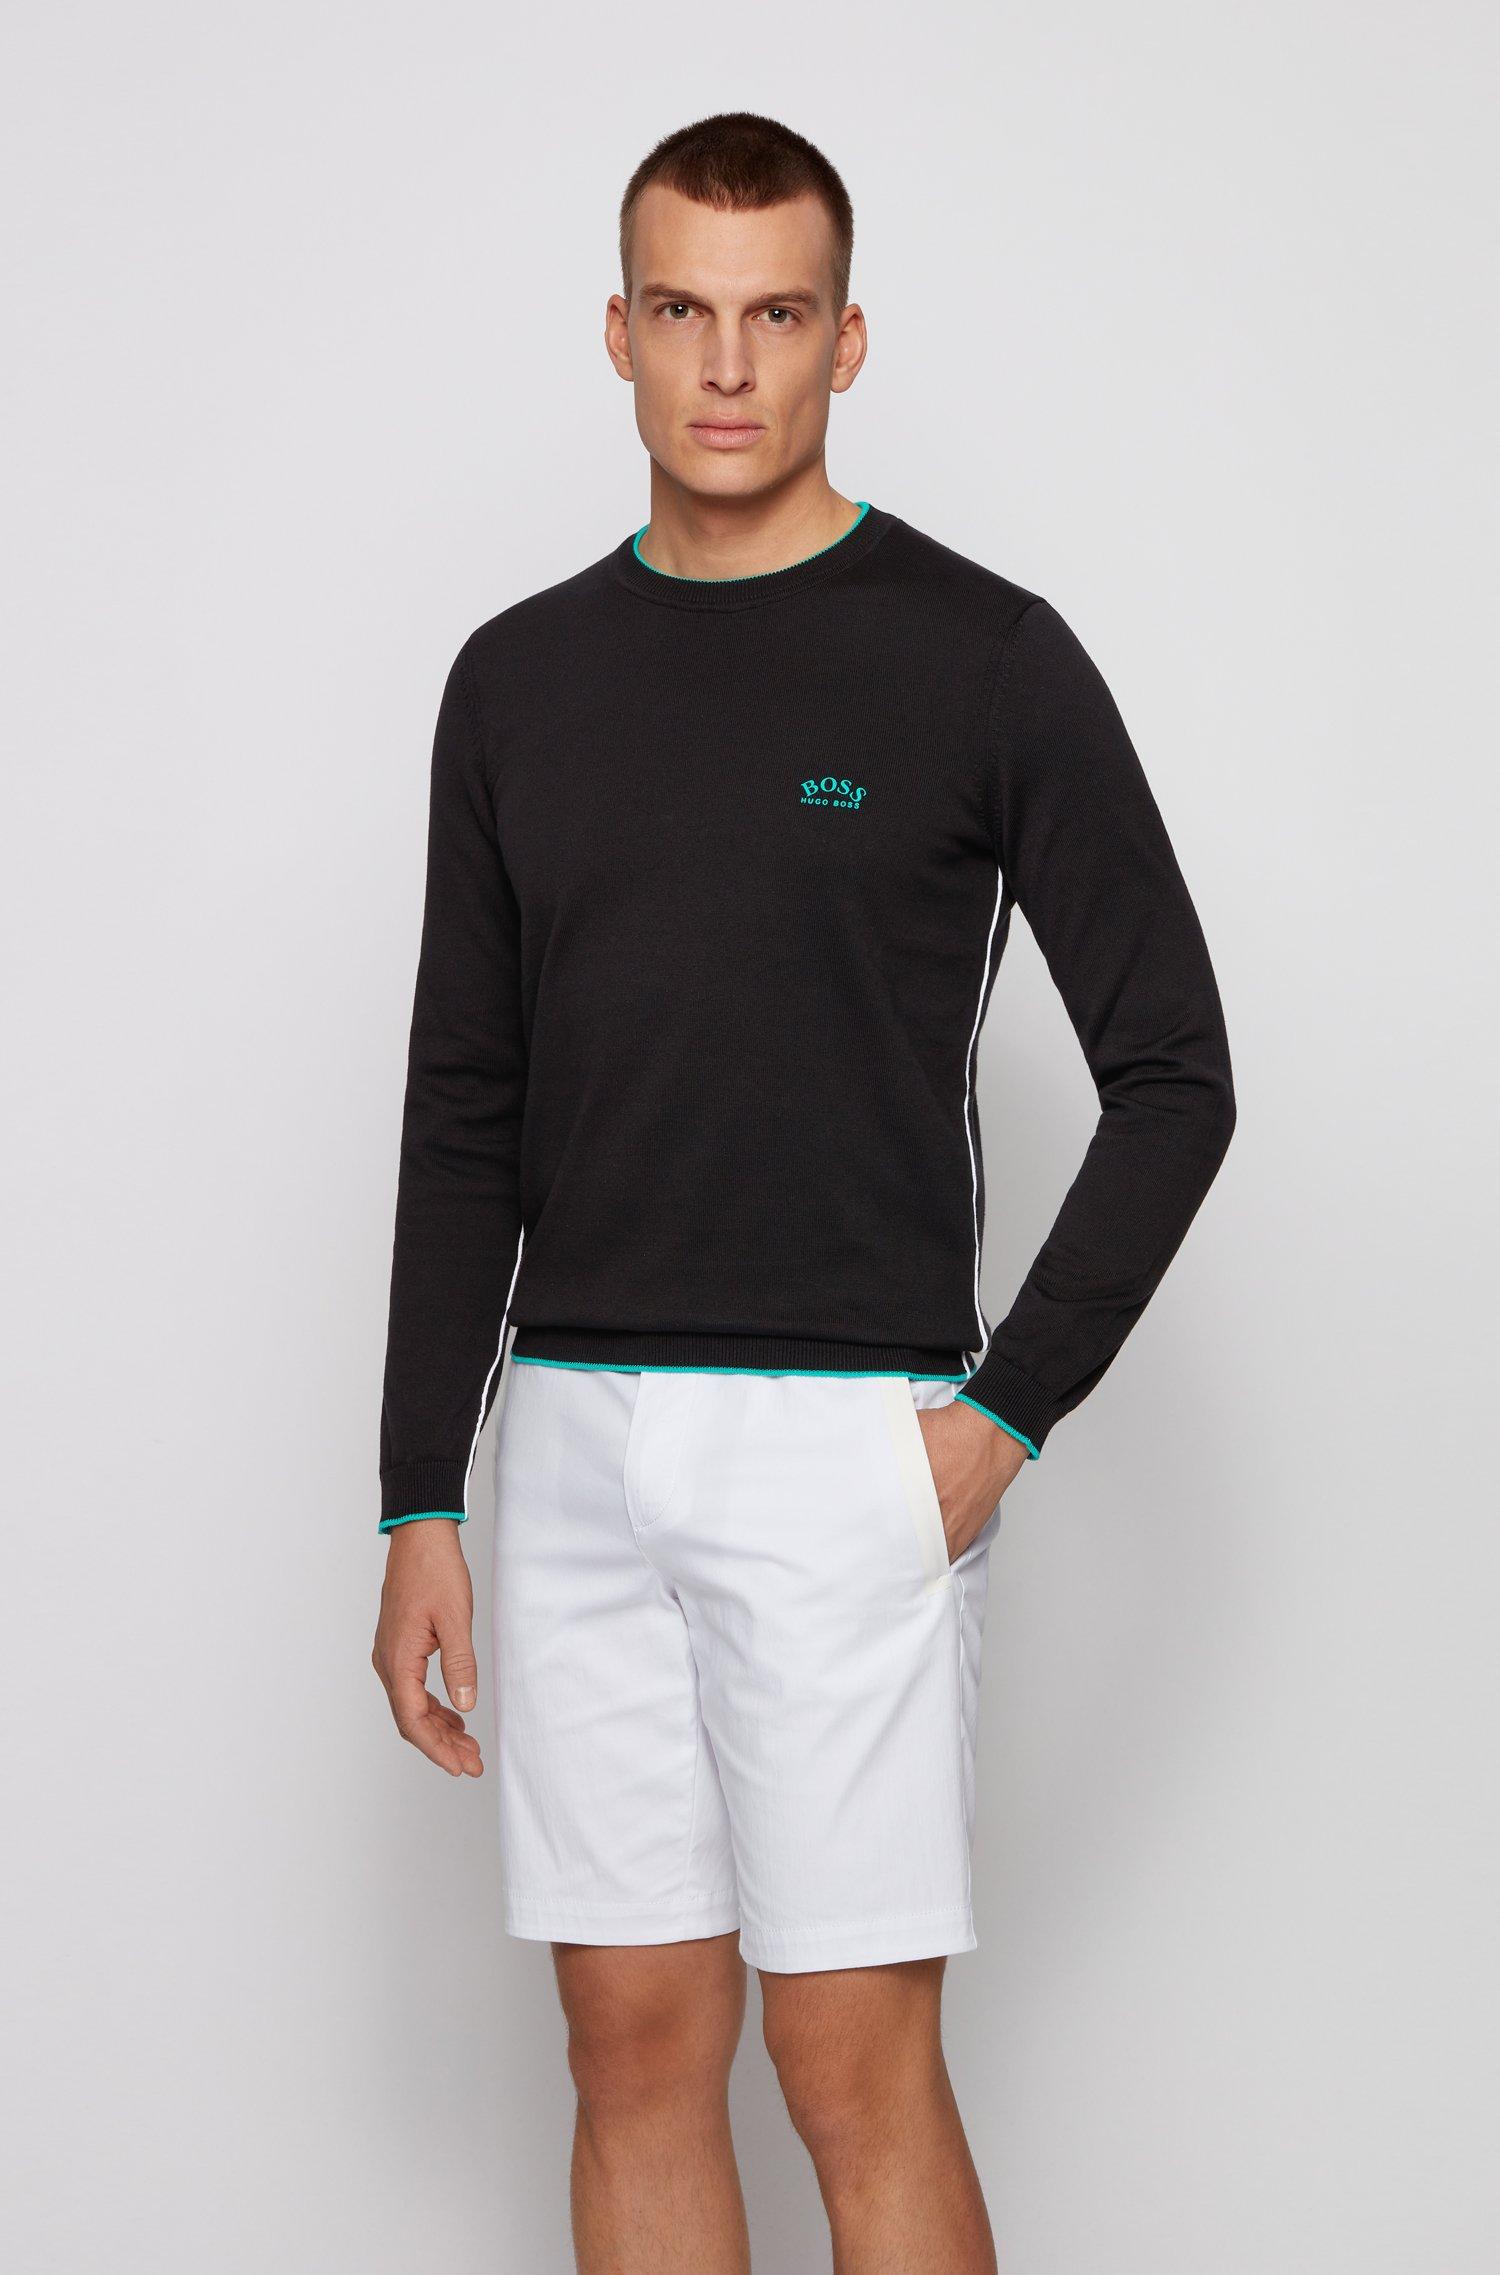 Maglione in cotone biologico con logo curvo a contrasto, Nero